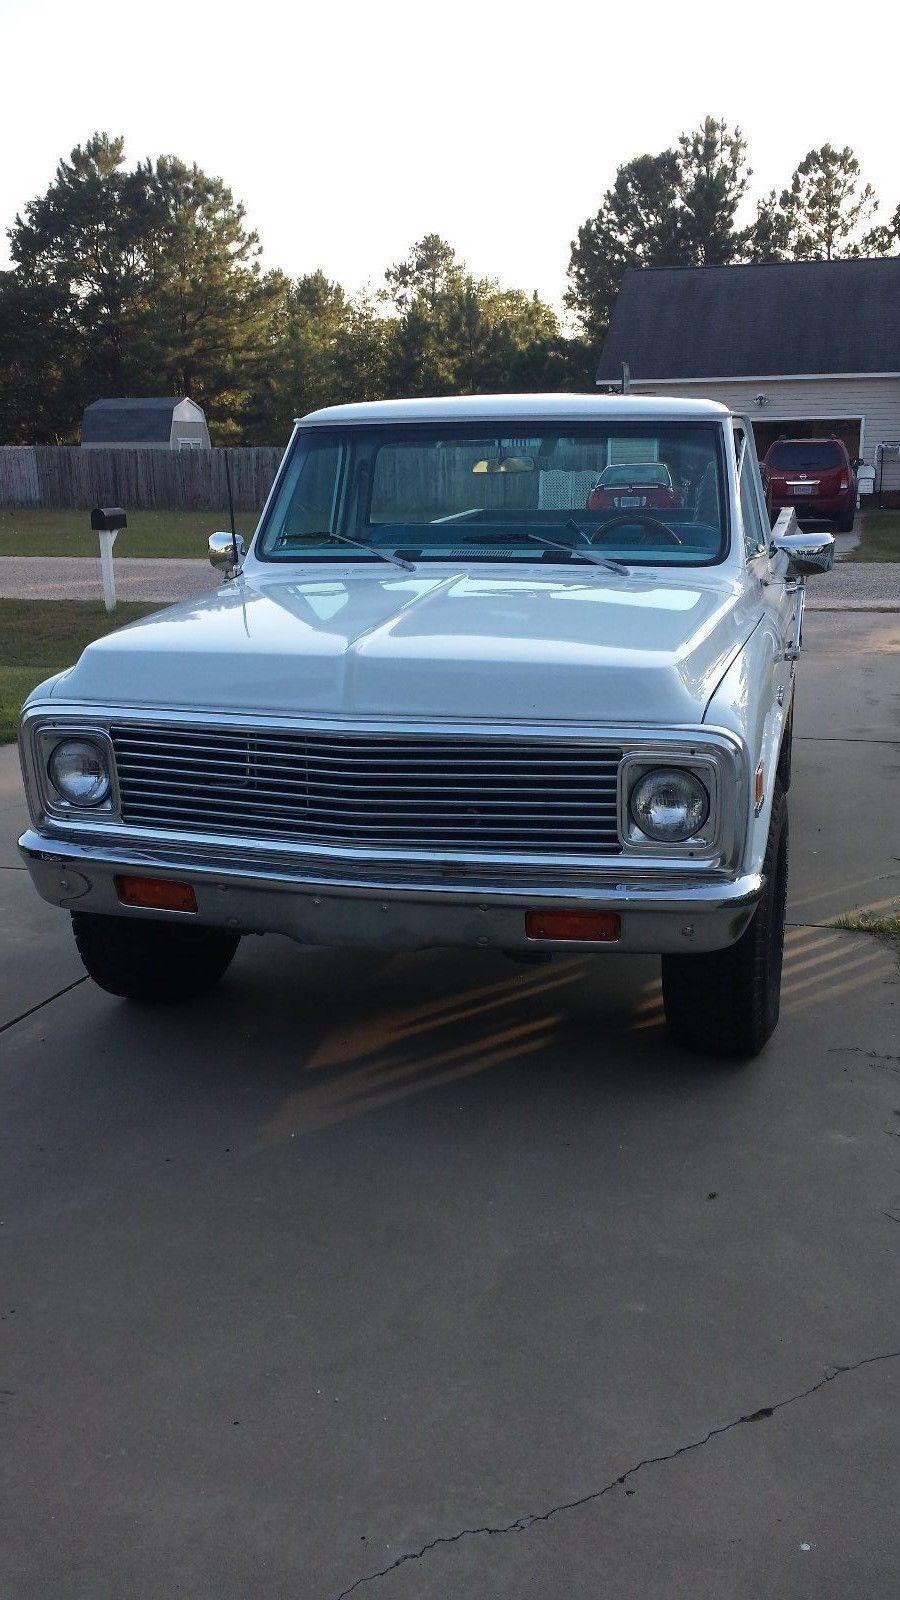 1971 Chevrolet K20 pickup truck for sale